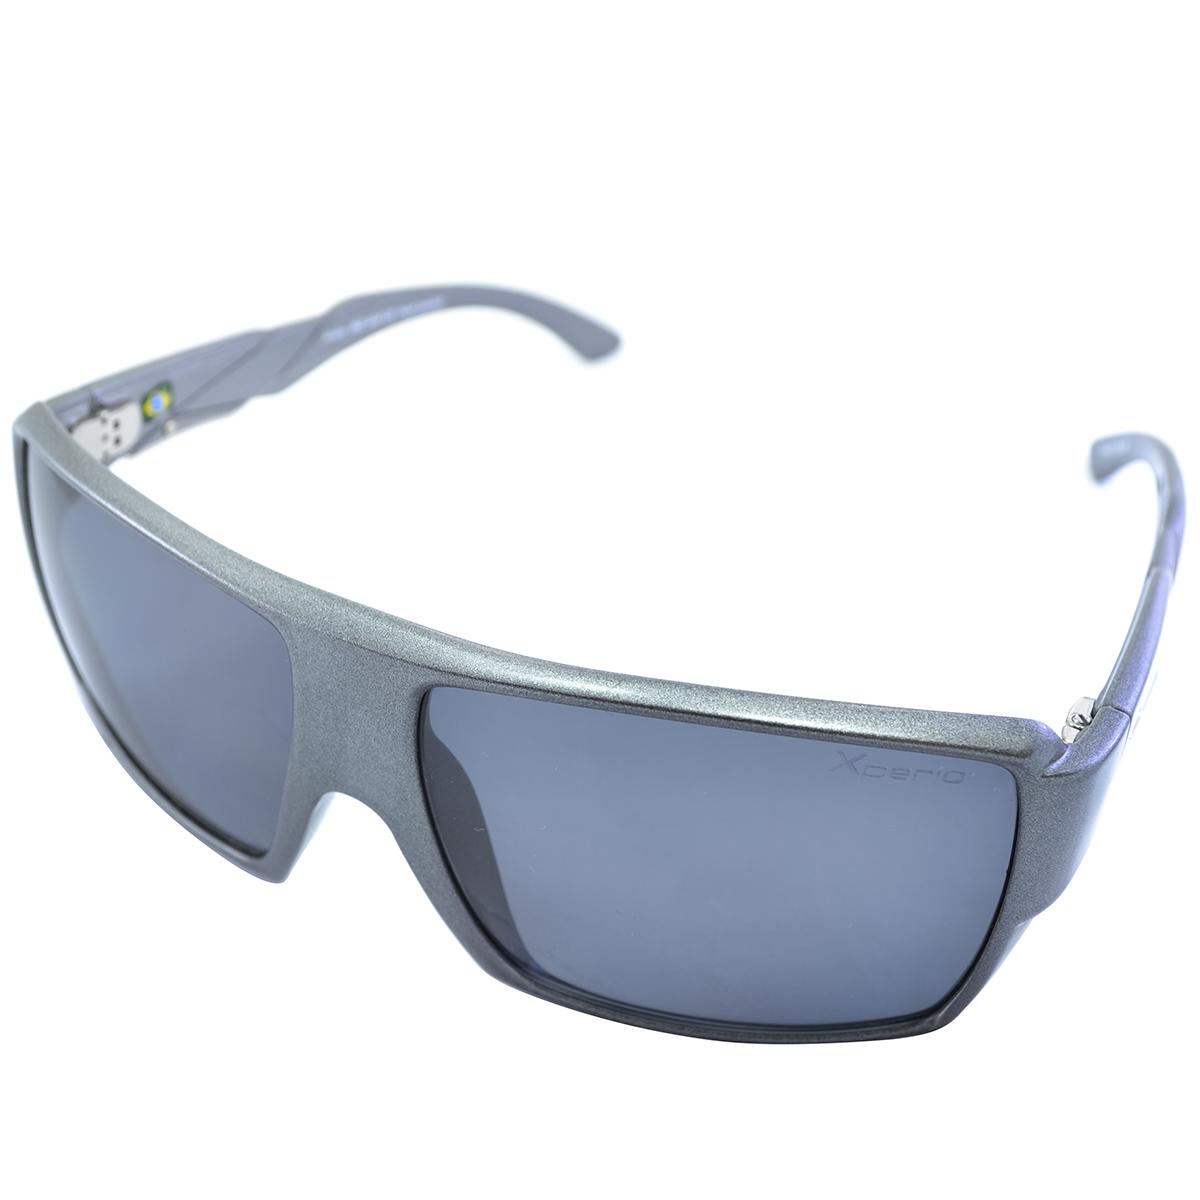 1d39ad5cb7443 Óculos Mormaii Aruba Cinza Brilho com Lente Cinza Polarizado ...